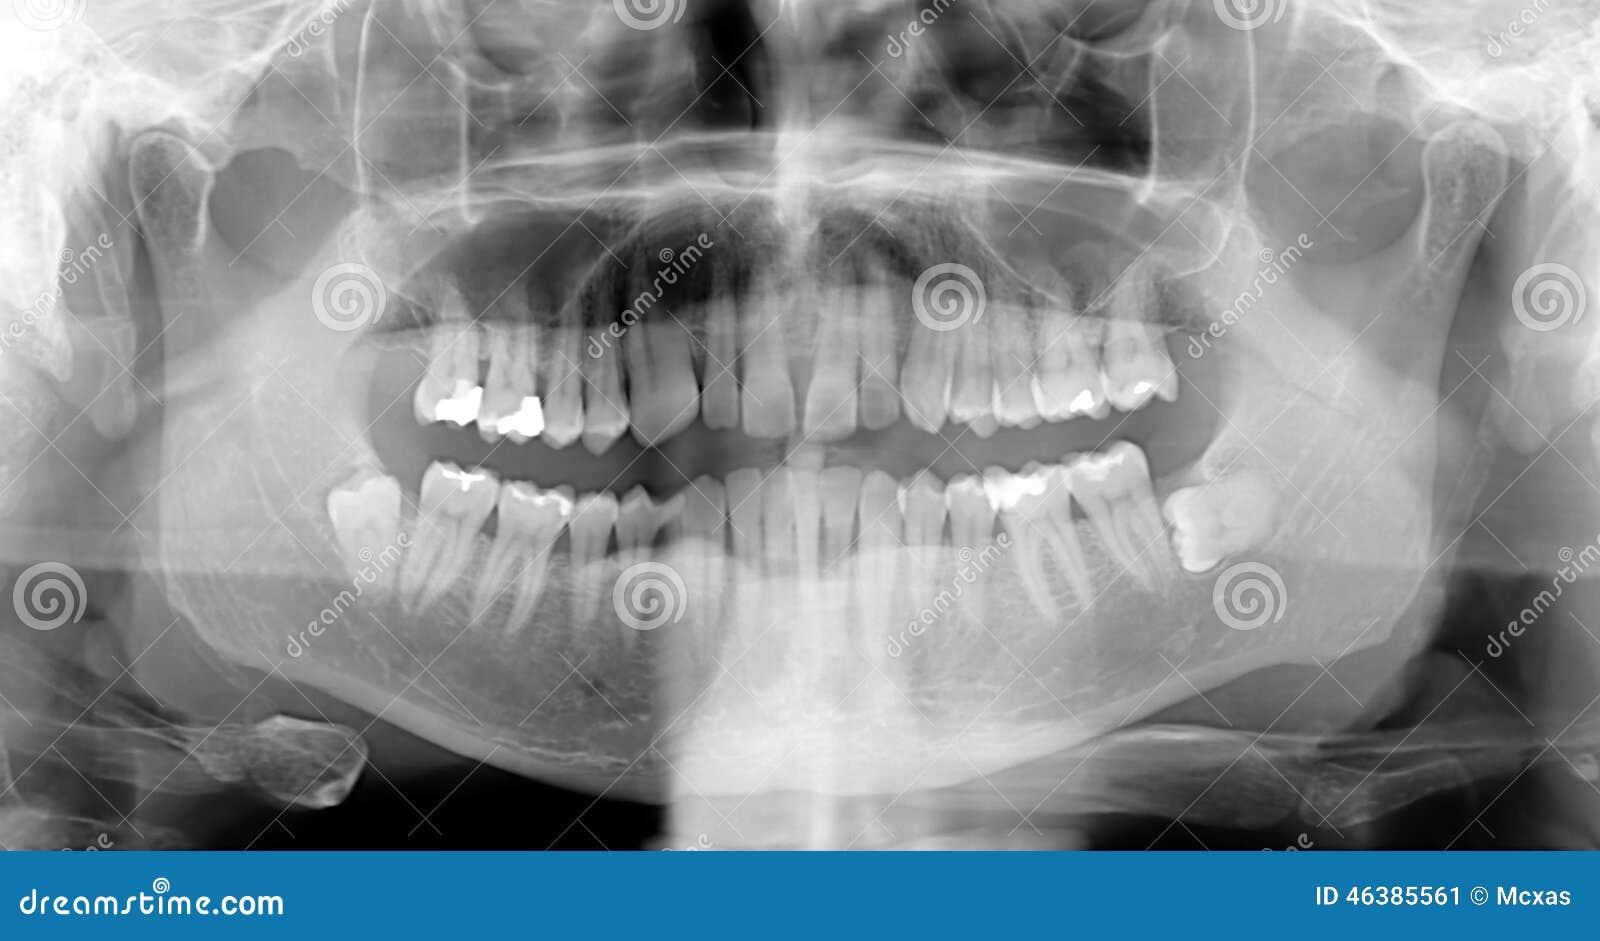 Rayos de X dentales imagen de archivo. Imagen de dentista - 46385561